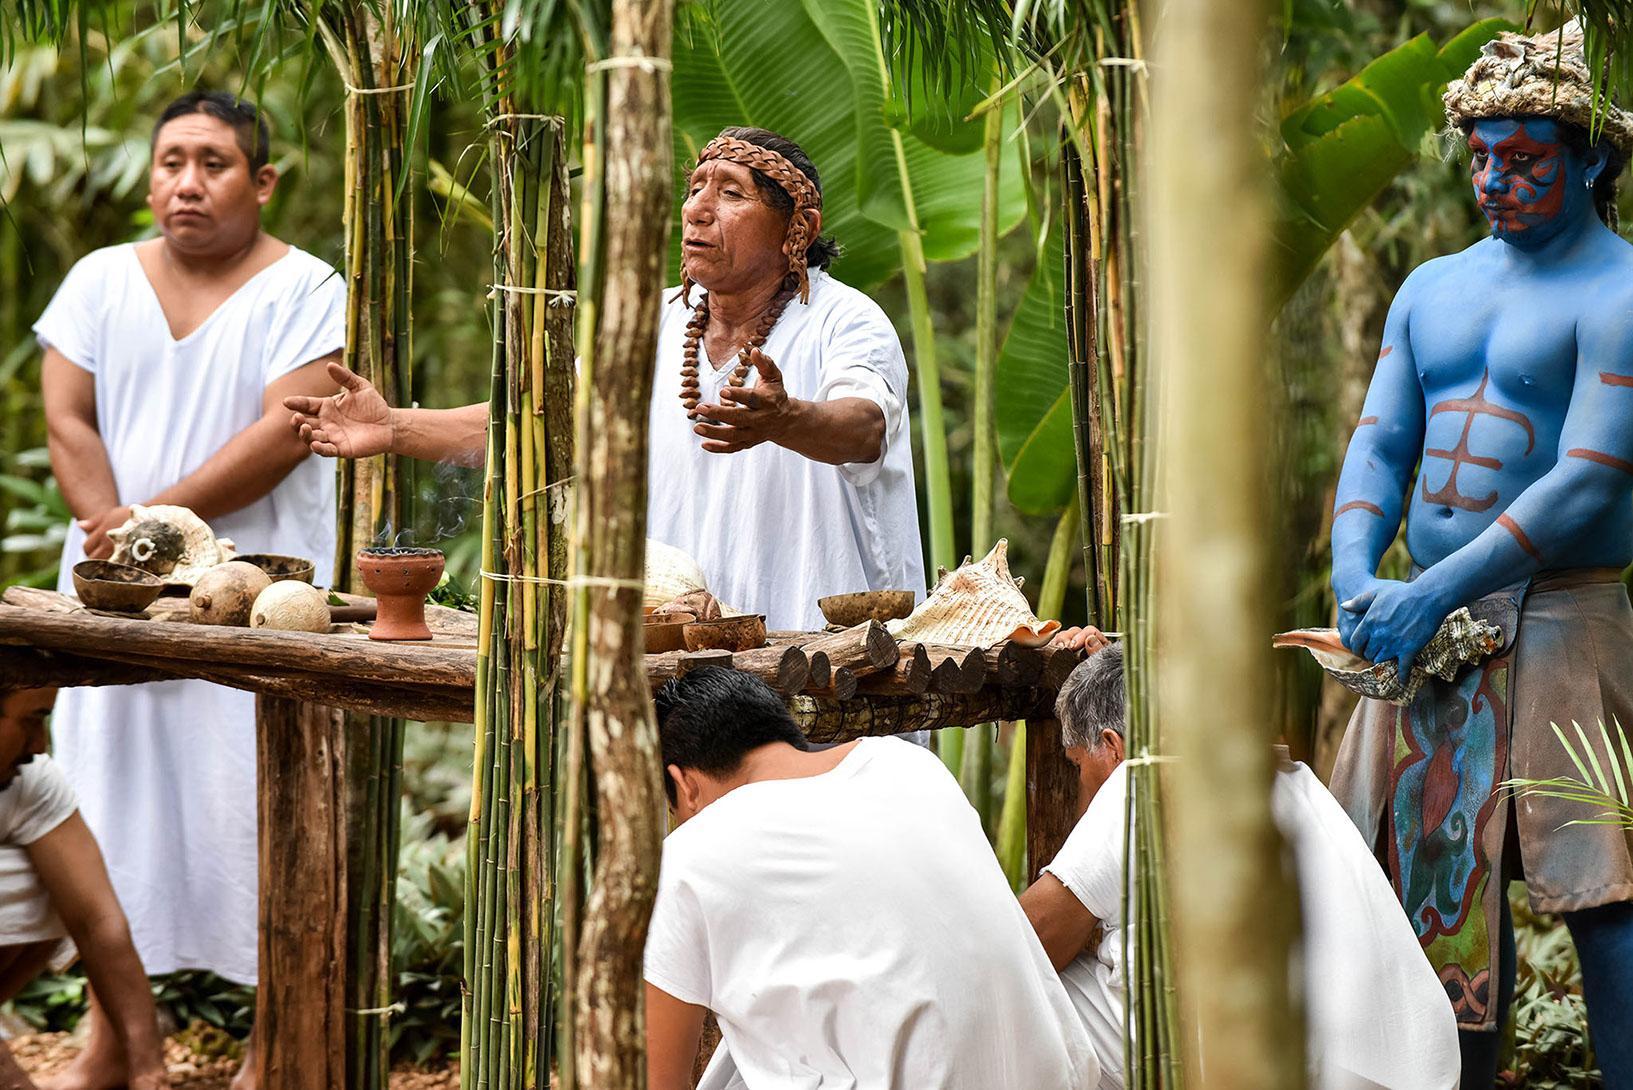 Museo del cacao Choco Story Uxmal Yucatán